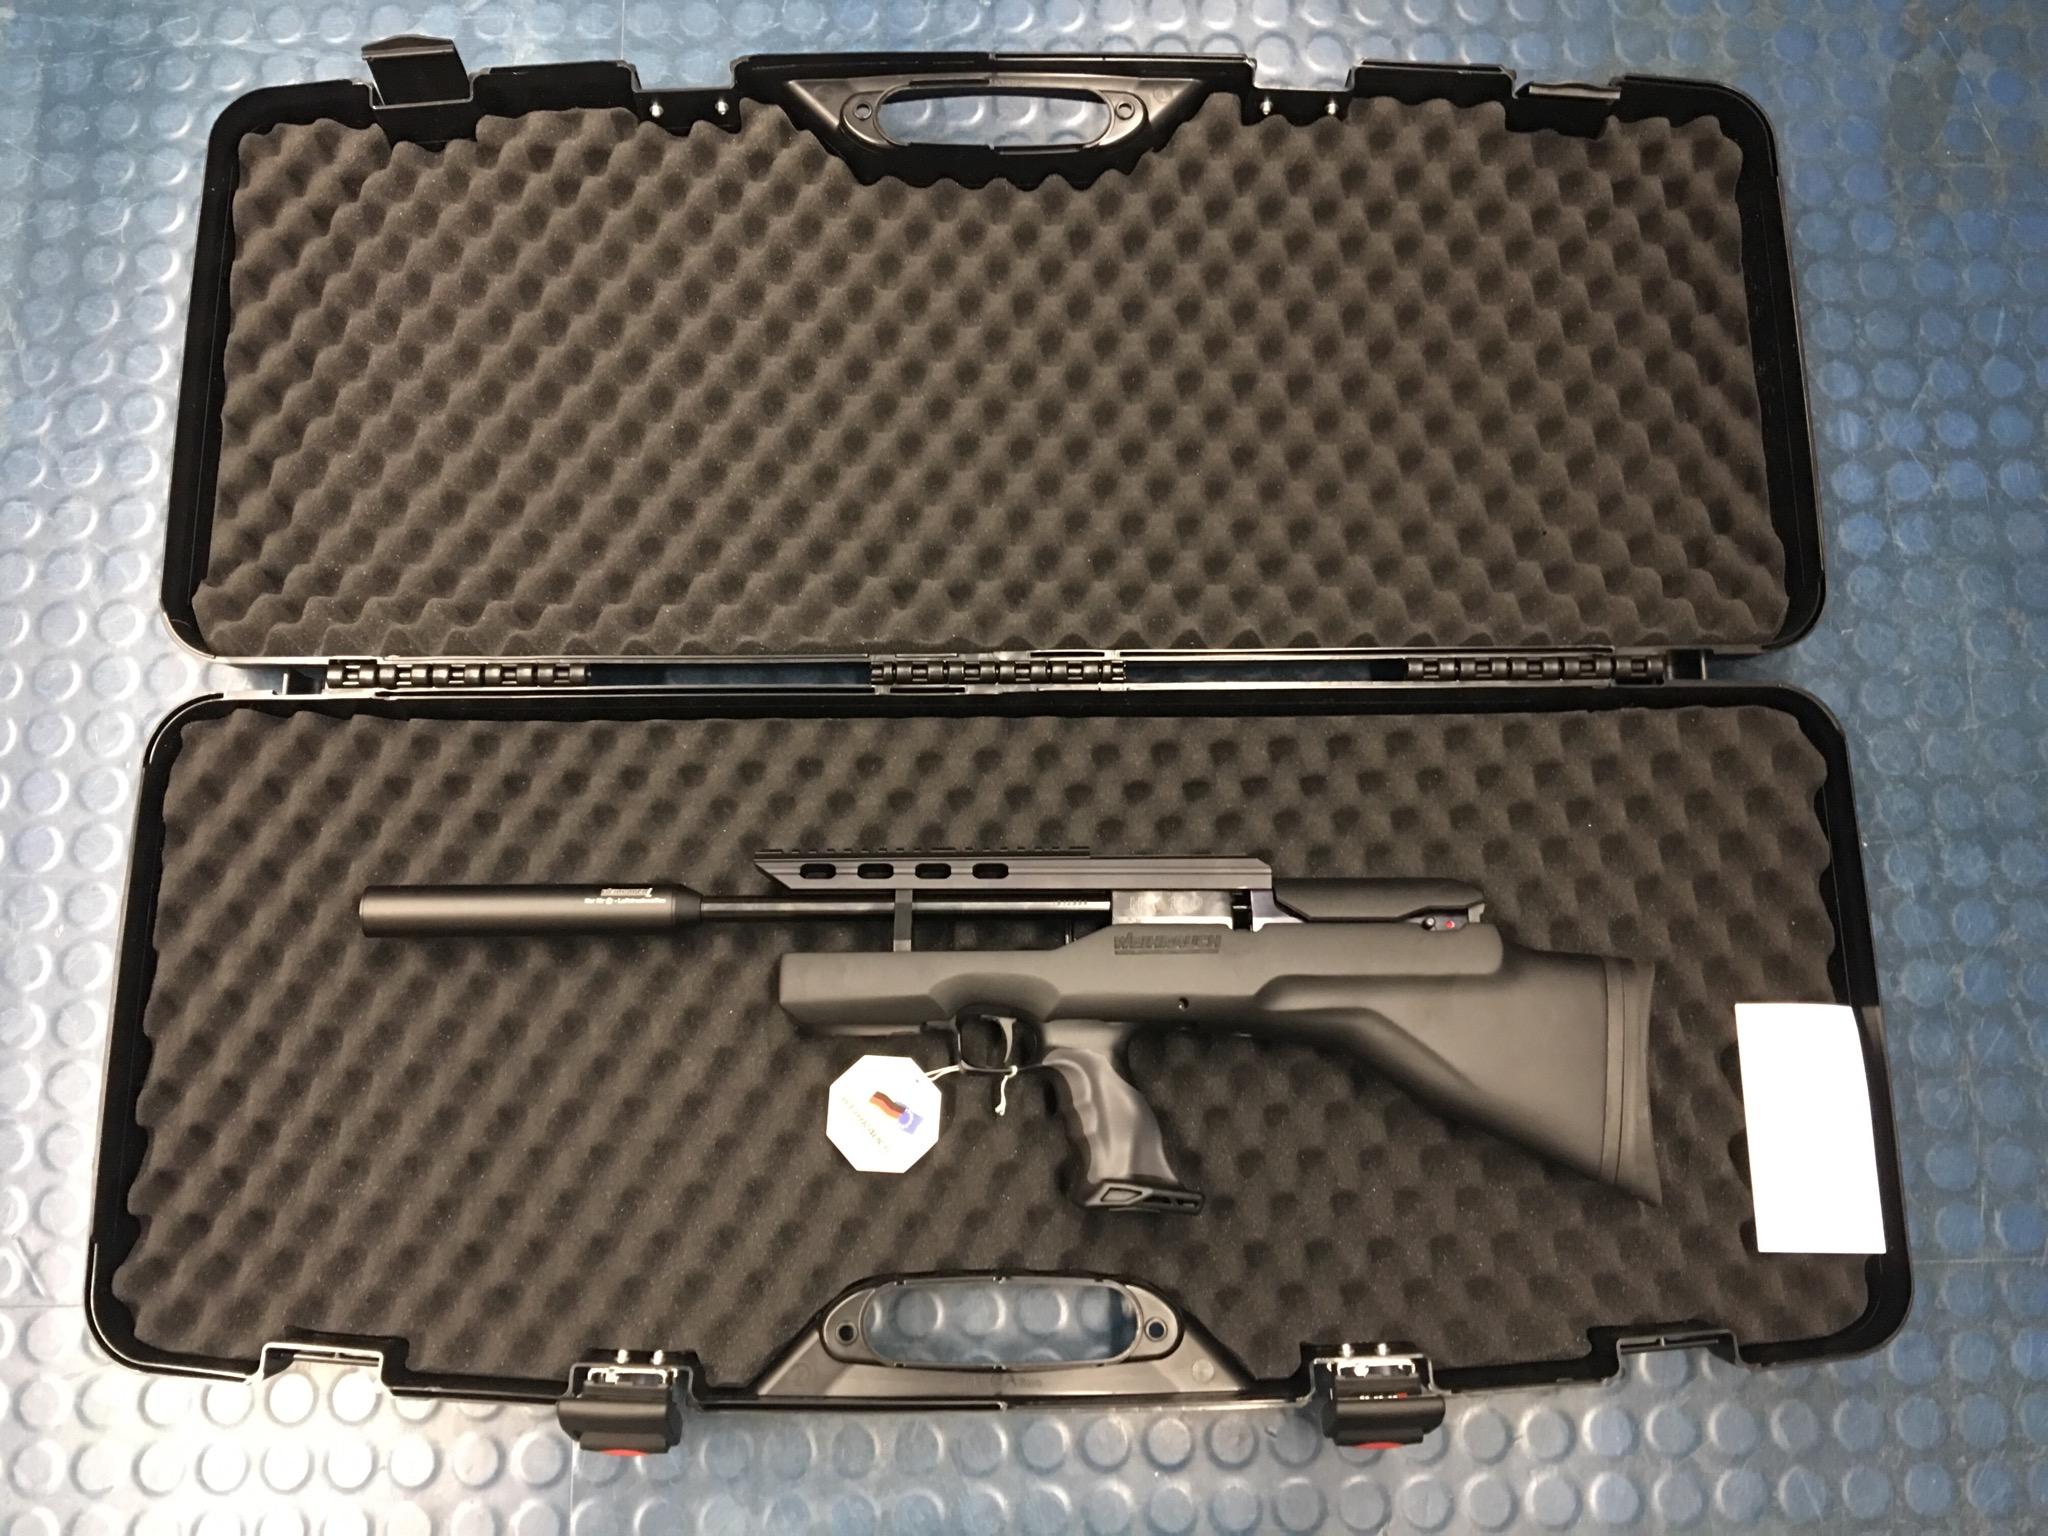 Am Beispiel vom Luftgewehr Modell 100 BP möchte ich den vorgeschlagenen Koffer als Zubehör hier auch von innen zeigen.